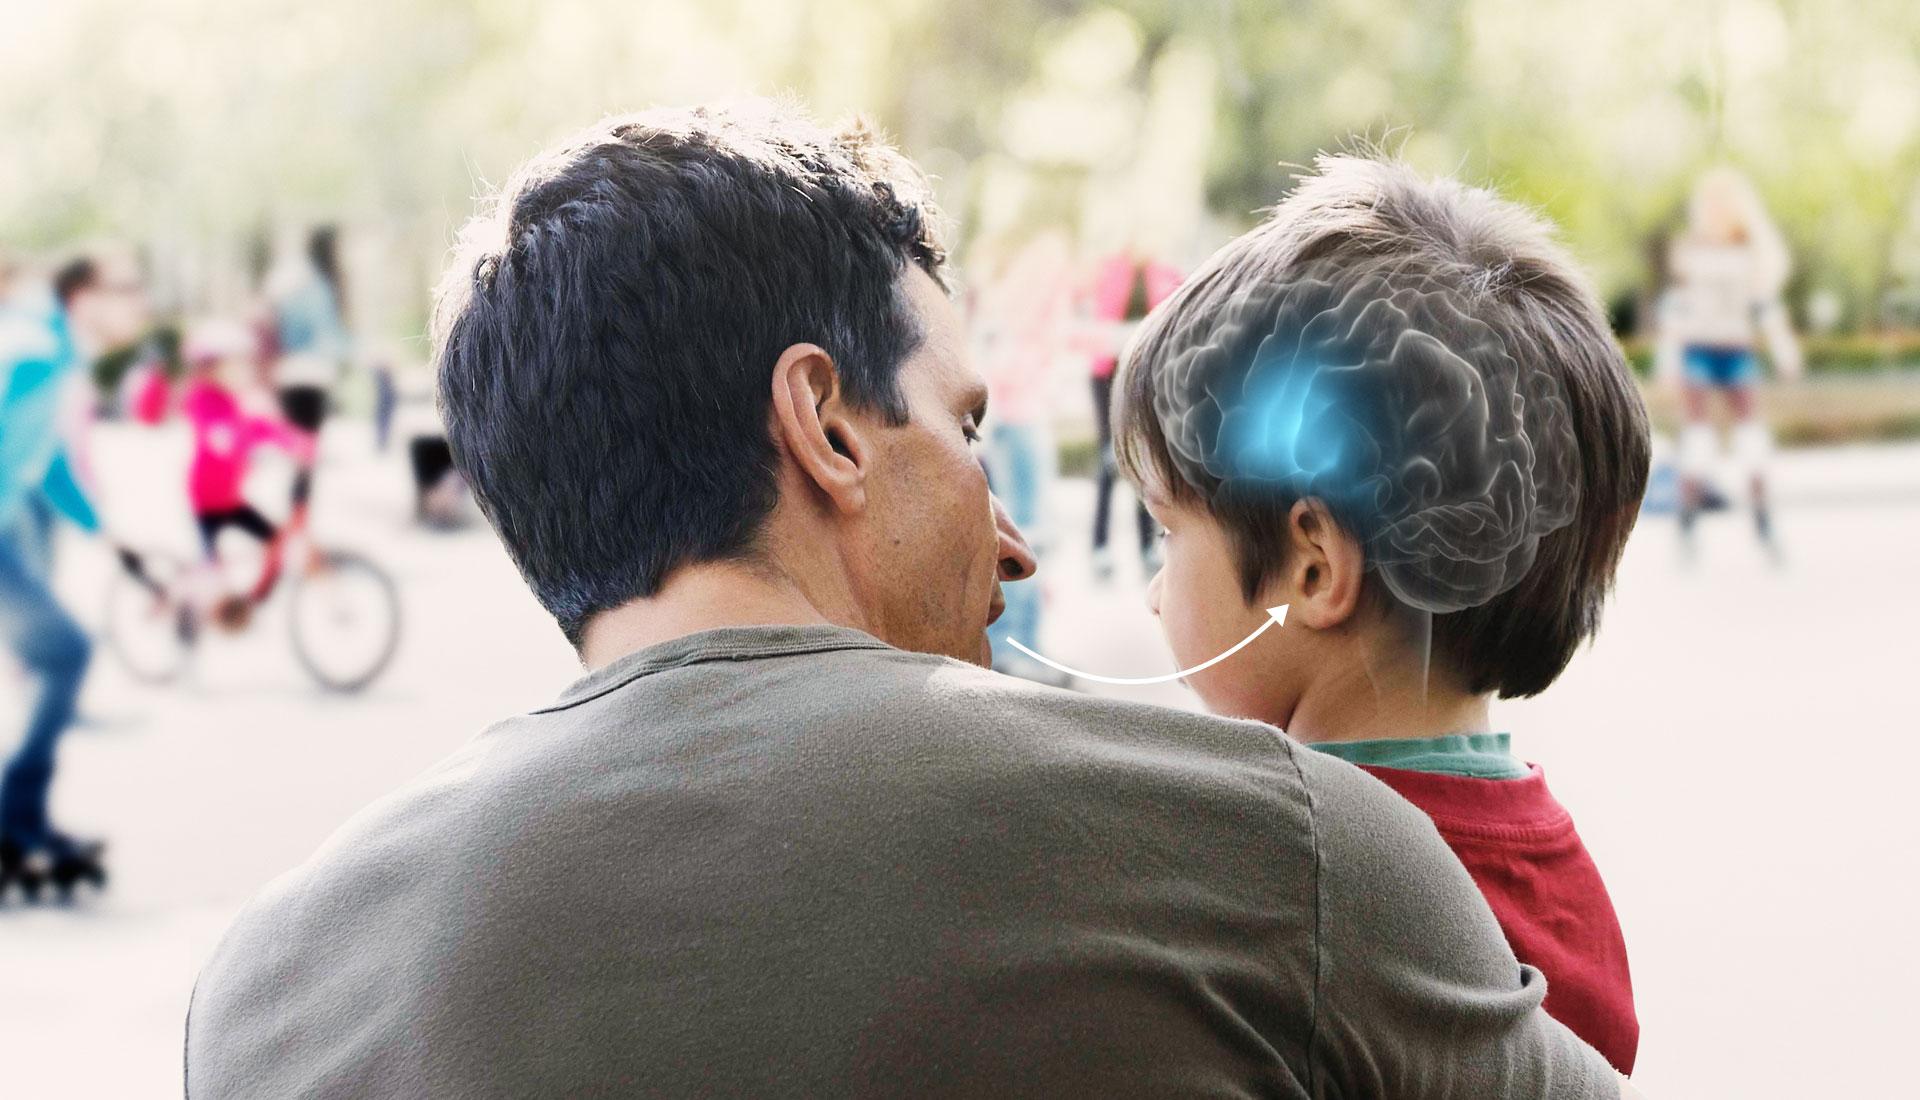 jeune petit garçon dans les bras de son père avec aide auditive et cerveau bleu illuminé